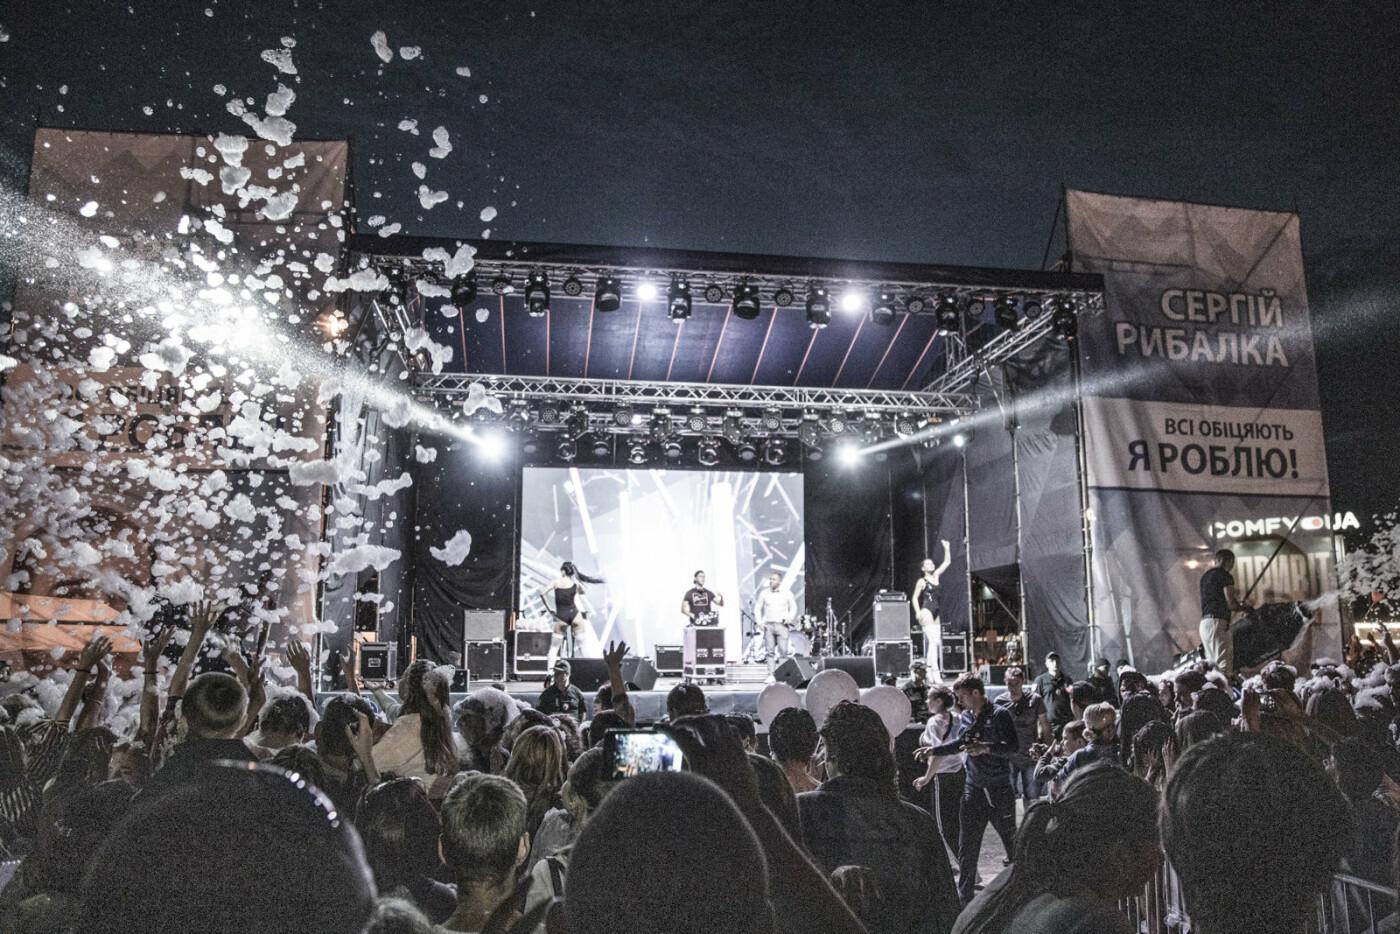 Встреча с Сергеем Рыбалка и концерт группы «НеАнгелы» стали самым масштабным событием в Лисичанске за десятилетие, фото-24